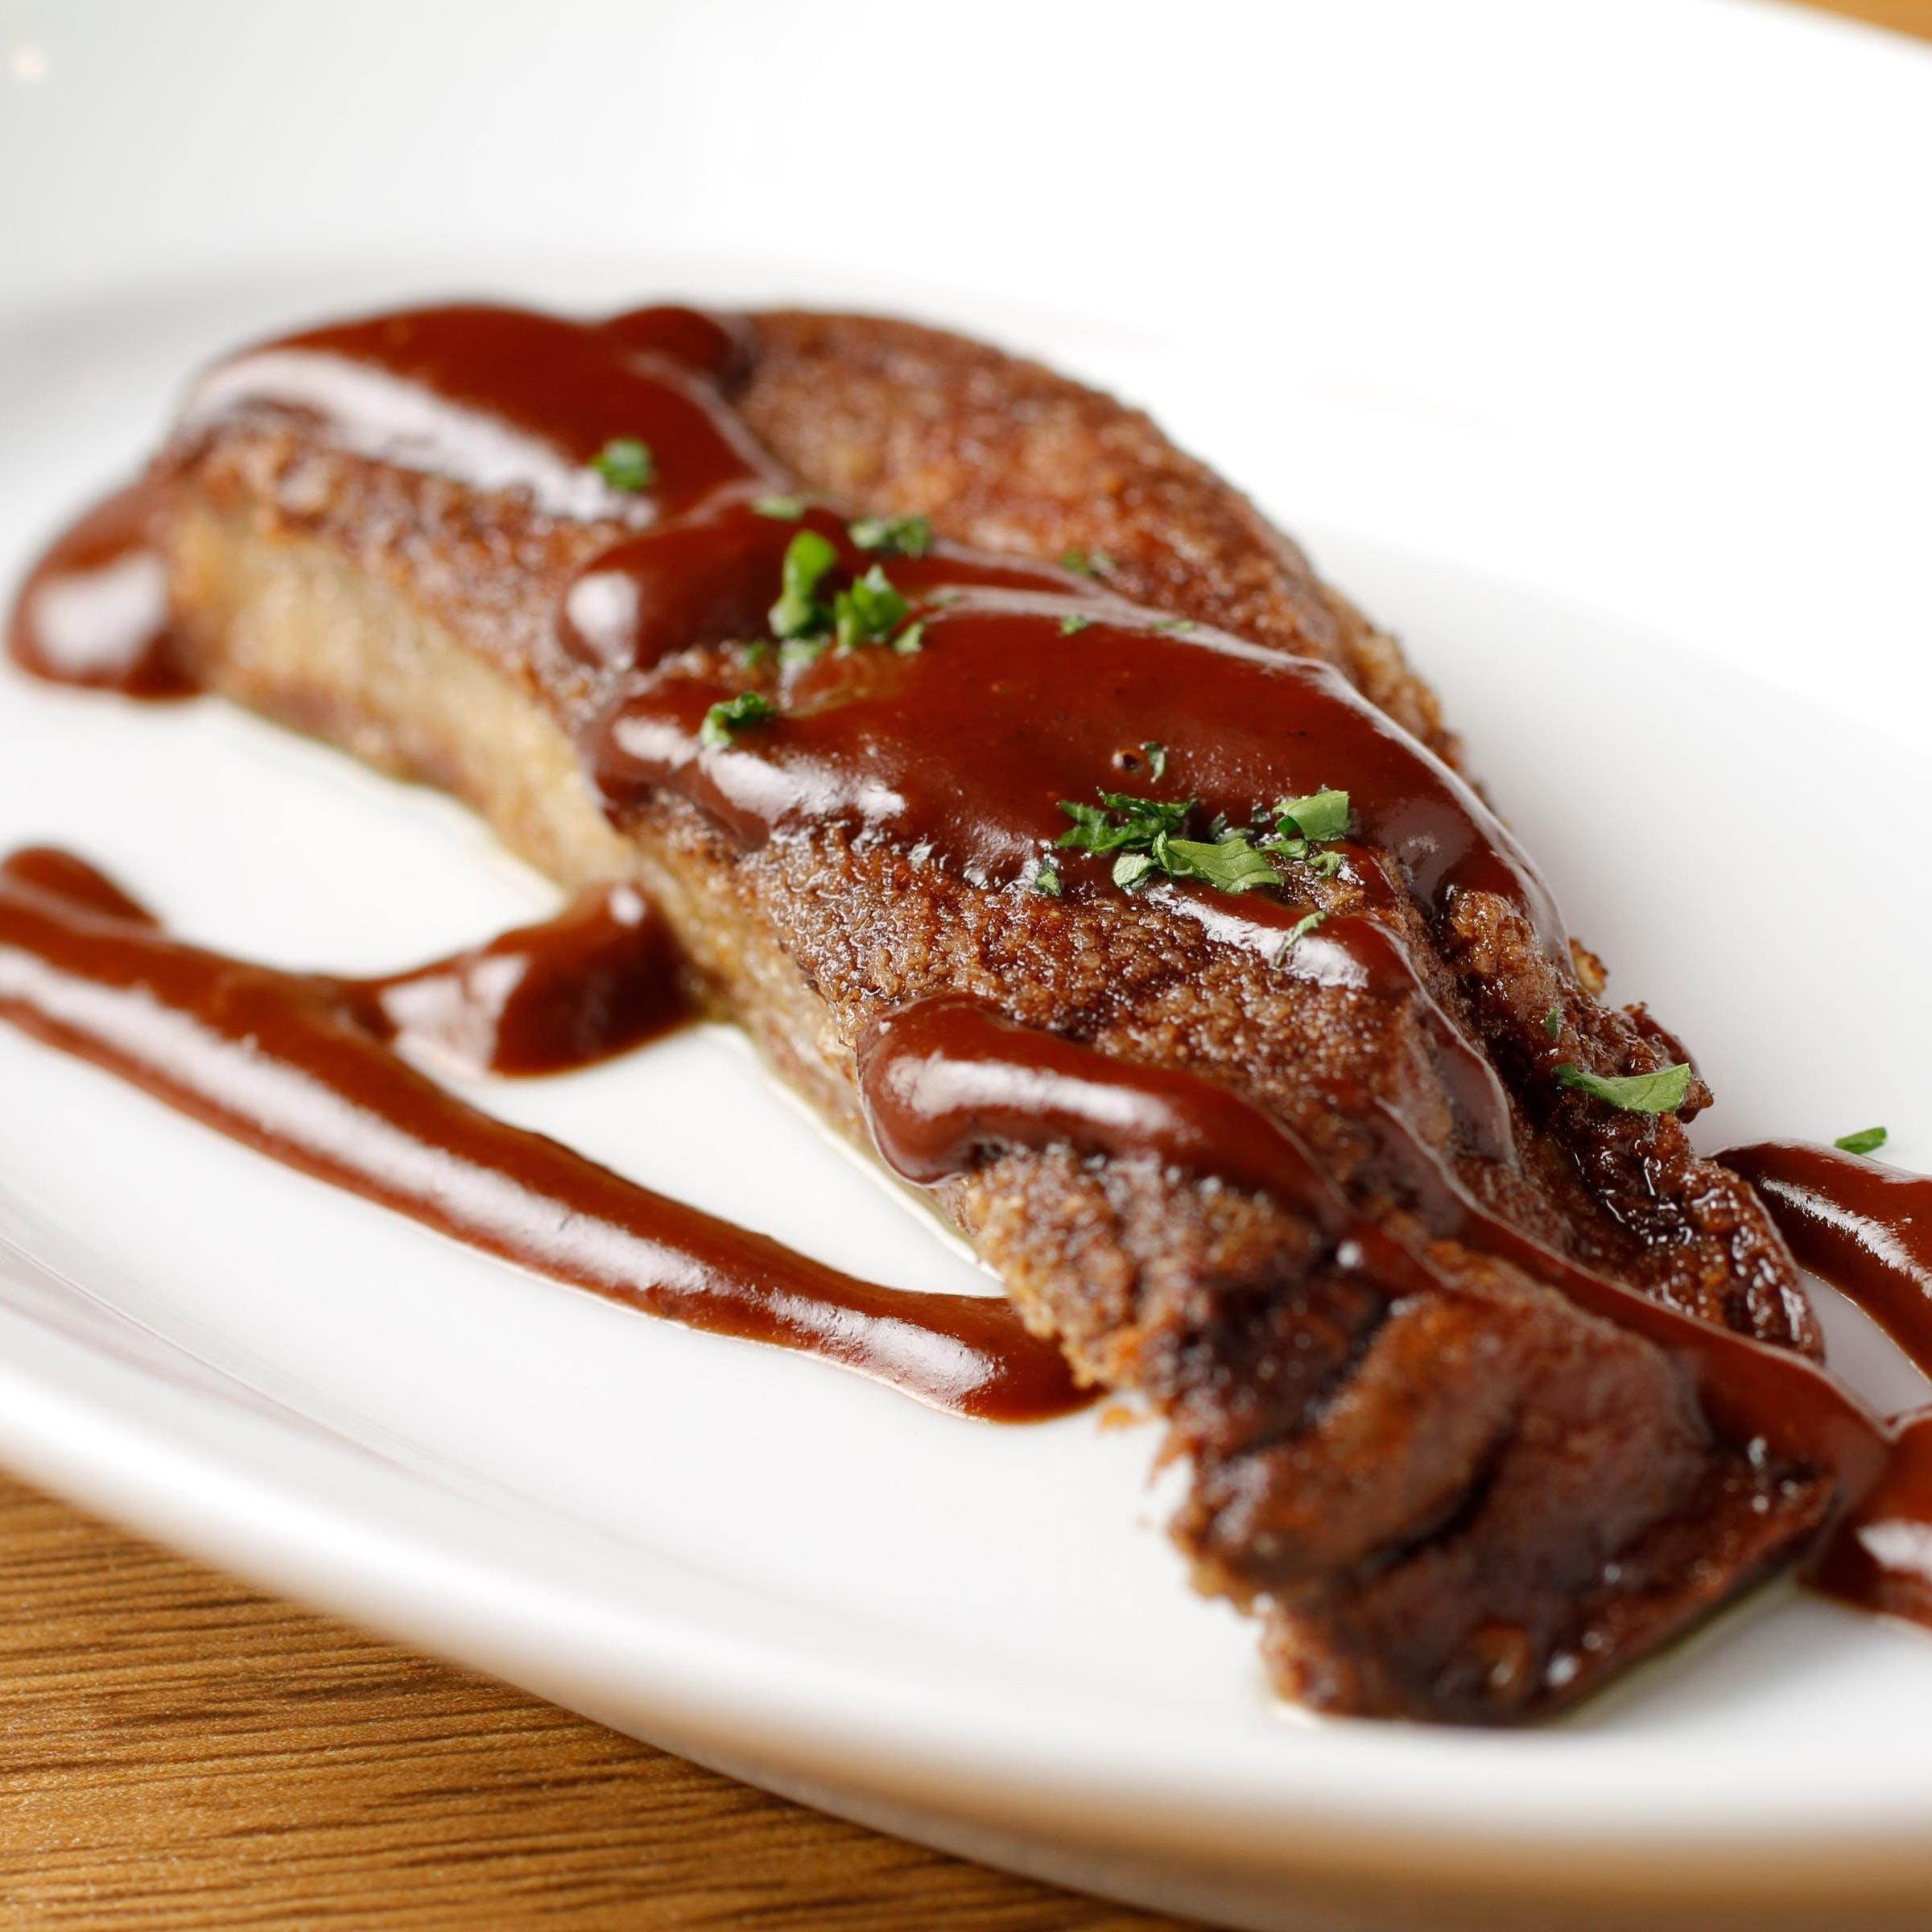 フォワグラや牛肉、活ムール貝など高級食材も全て食べ放題